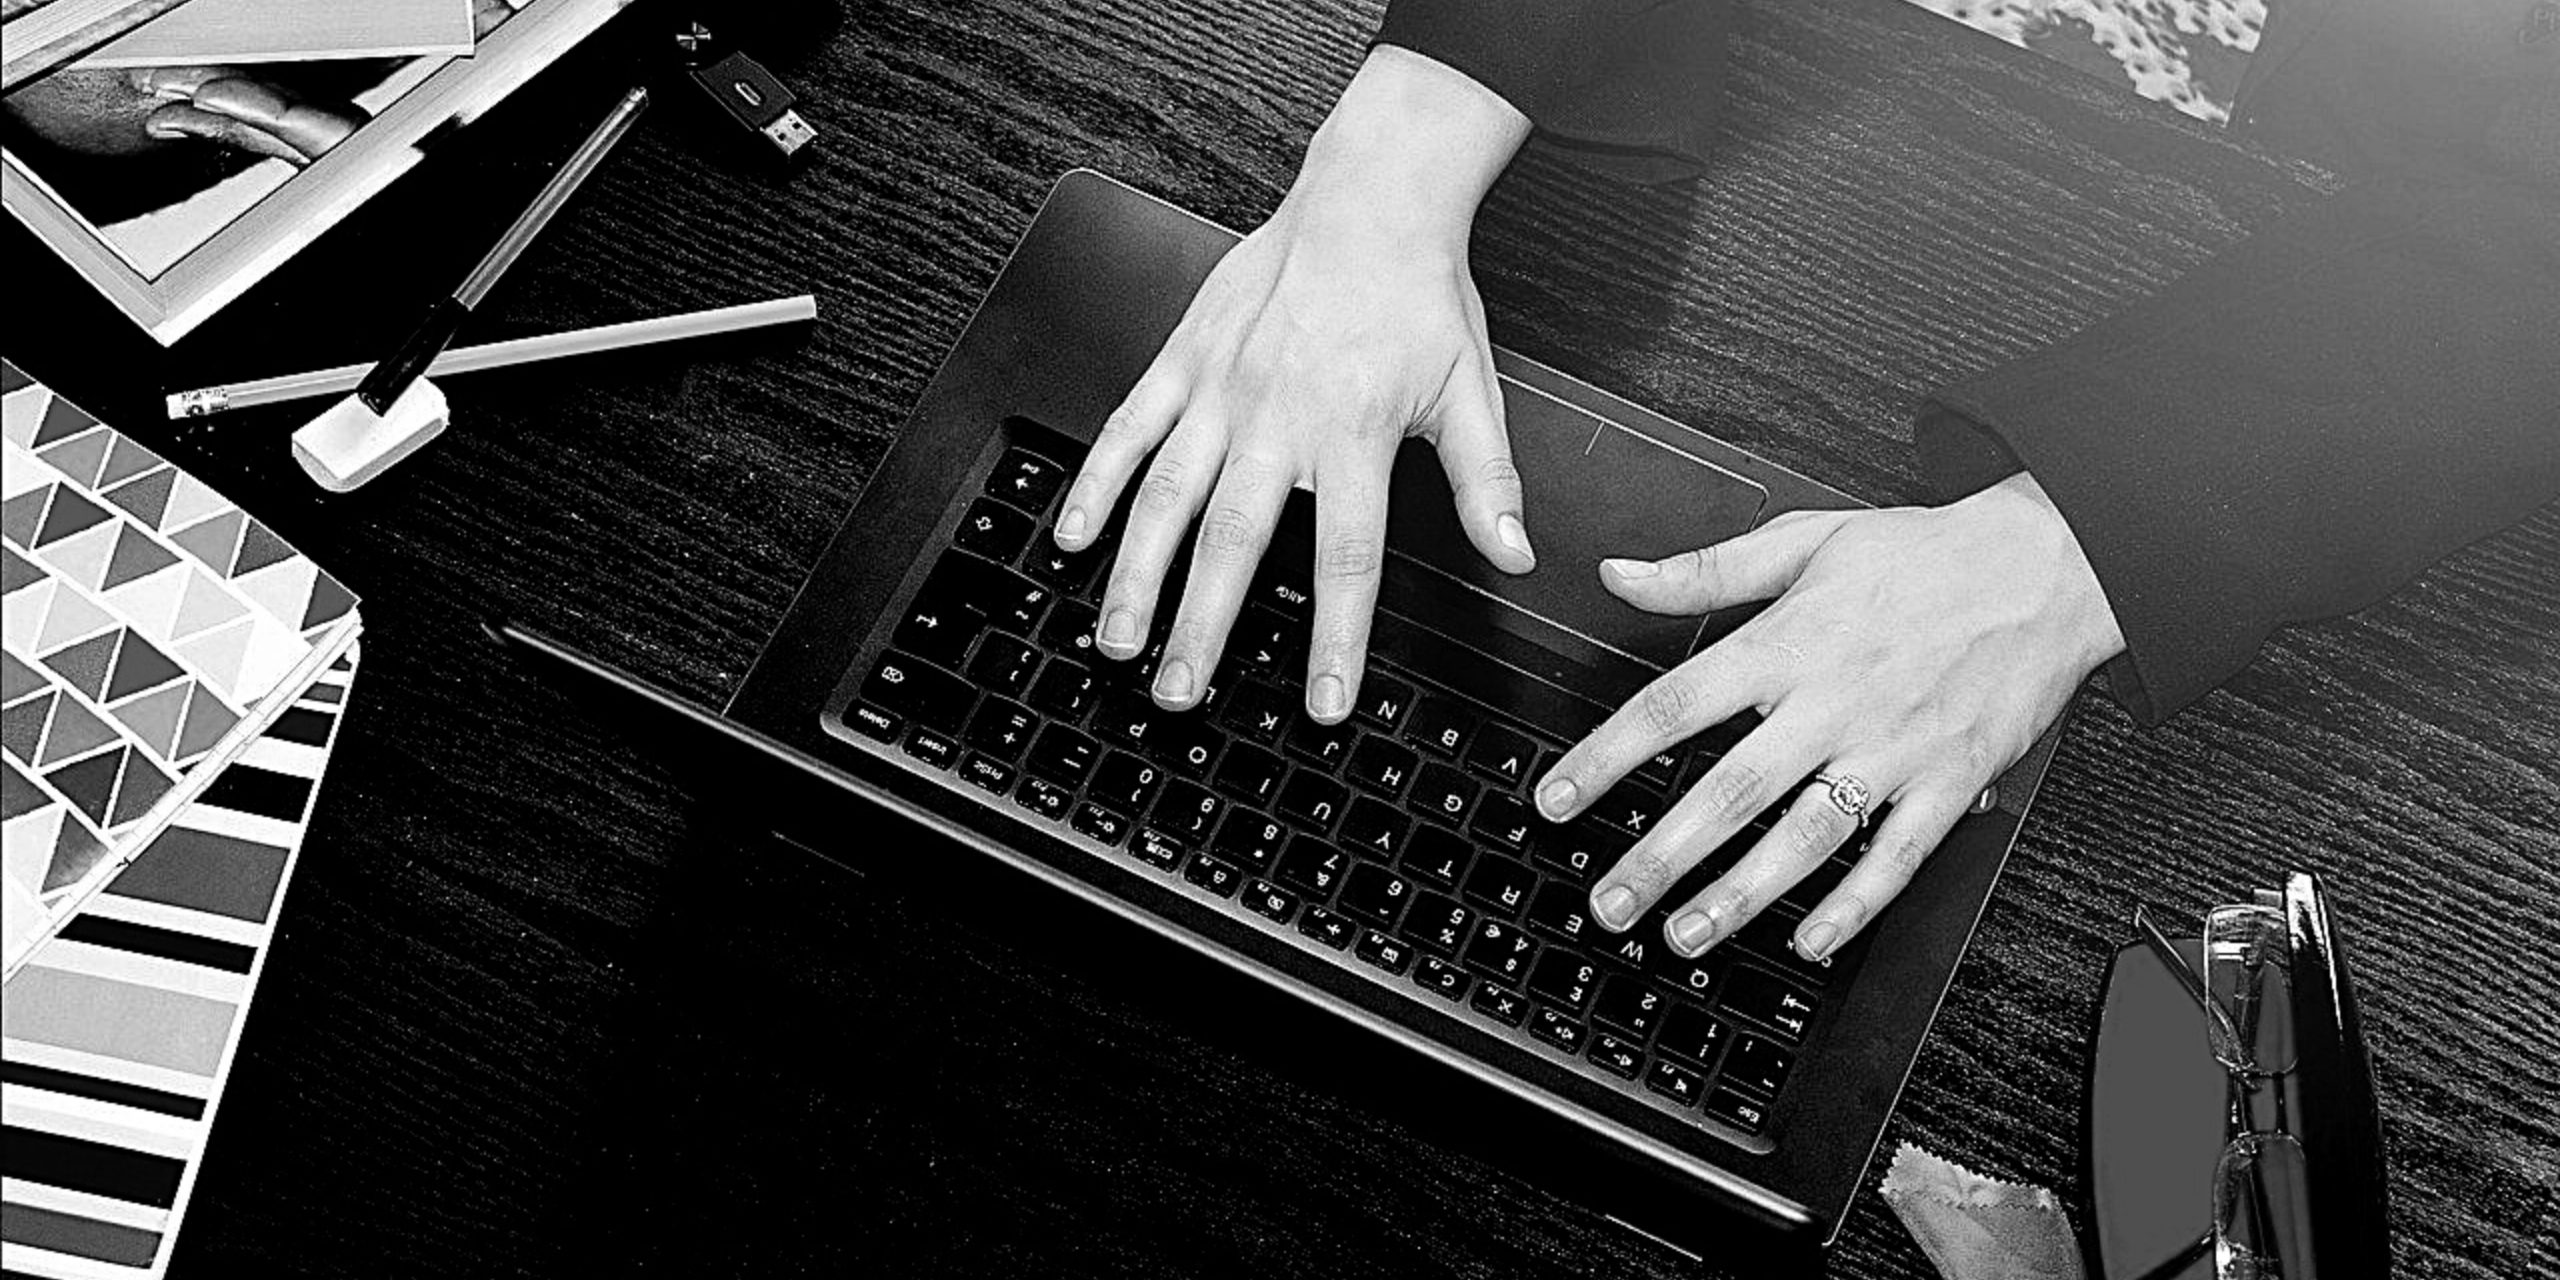 あなたの小説が読まれない理由/初心者の小説投稿サイトでの書き方